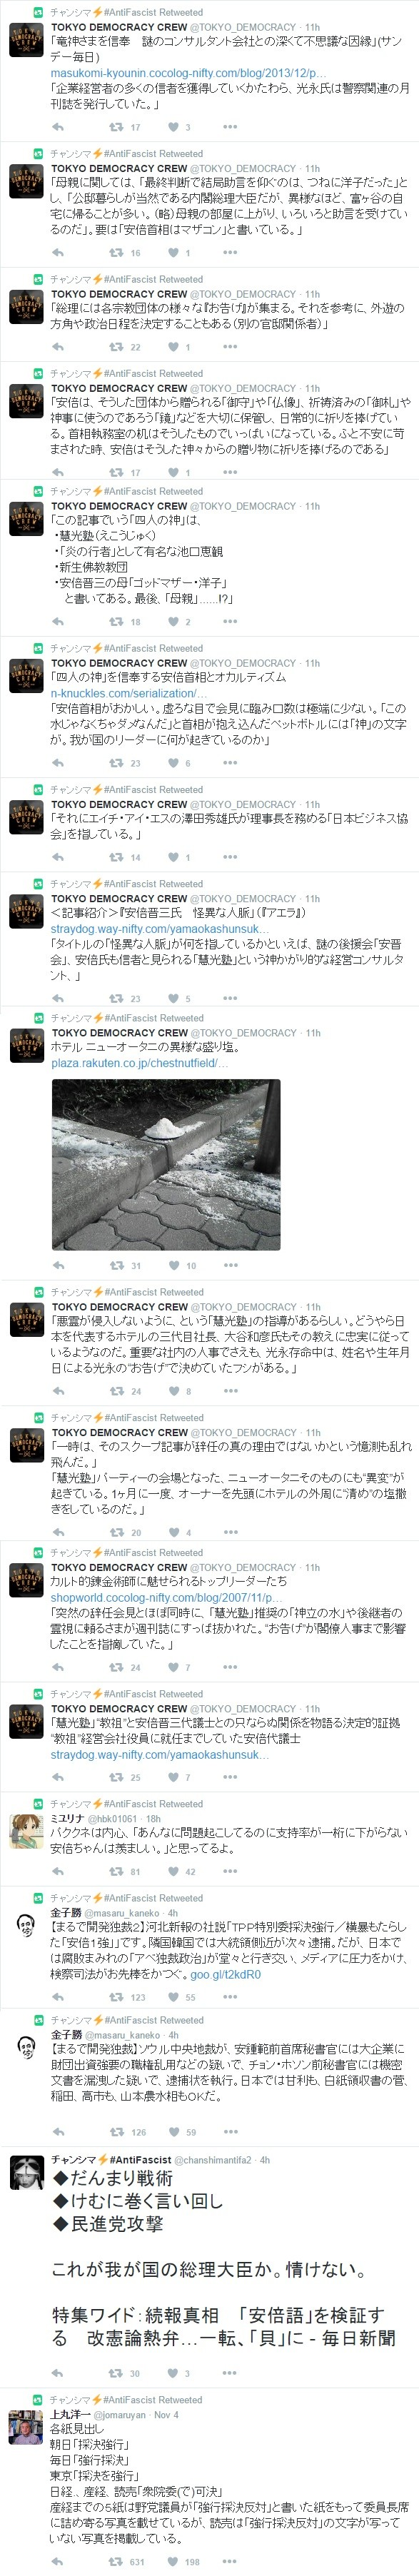 大和証券嶋田眞人部長ことおチョンコ組組員チャンシマ2